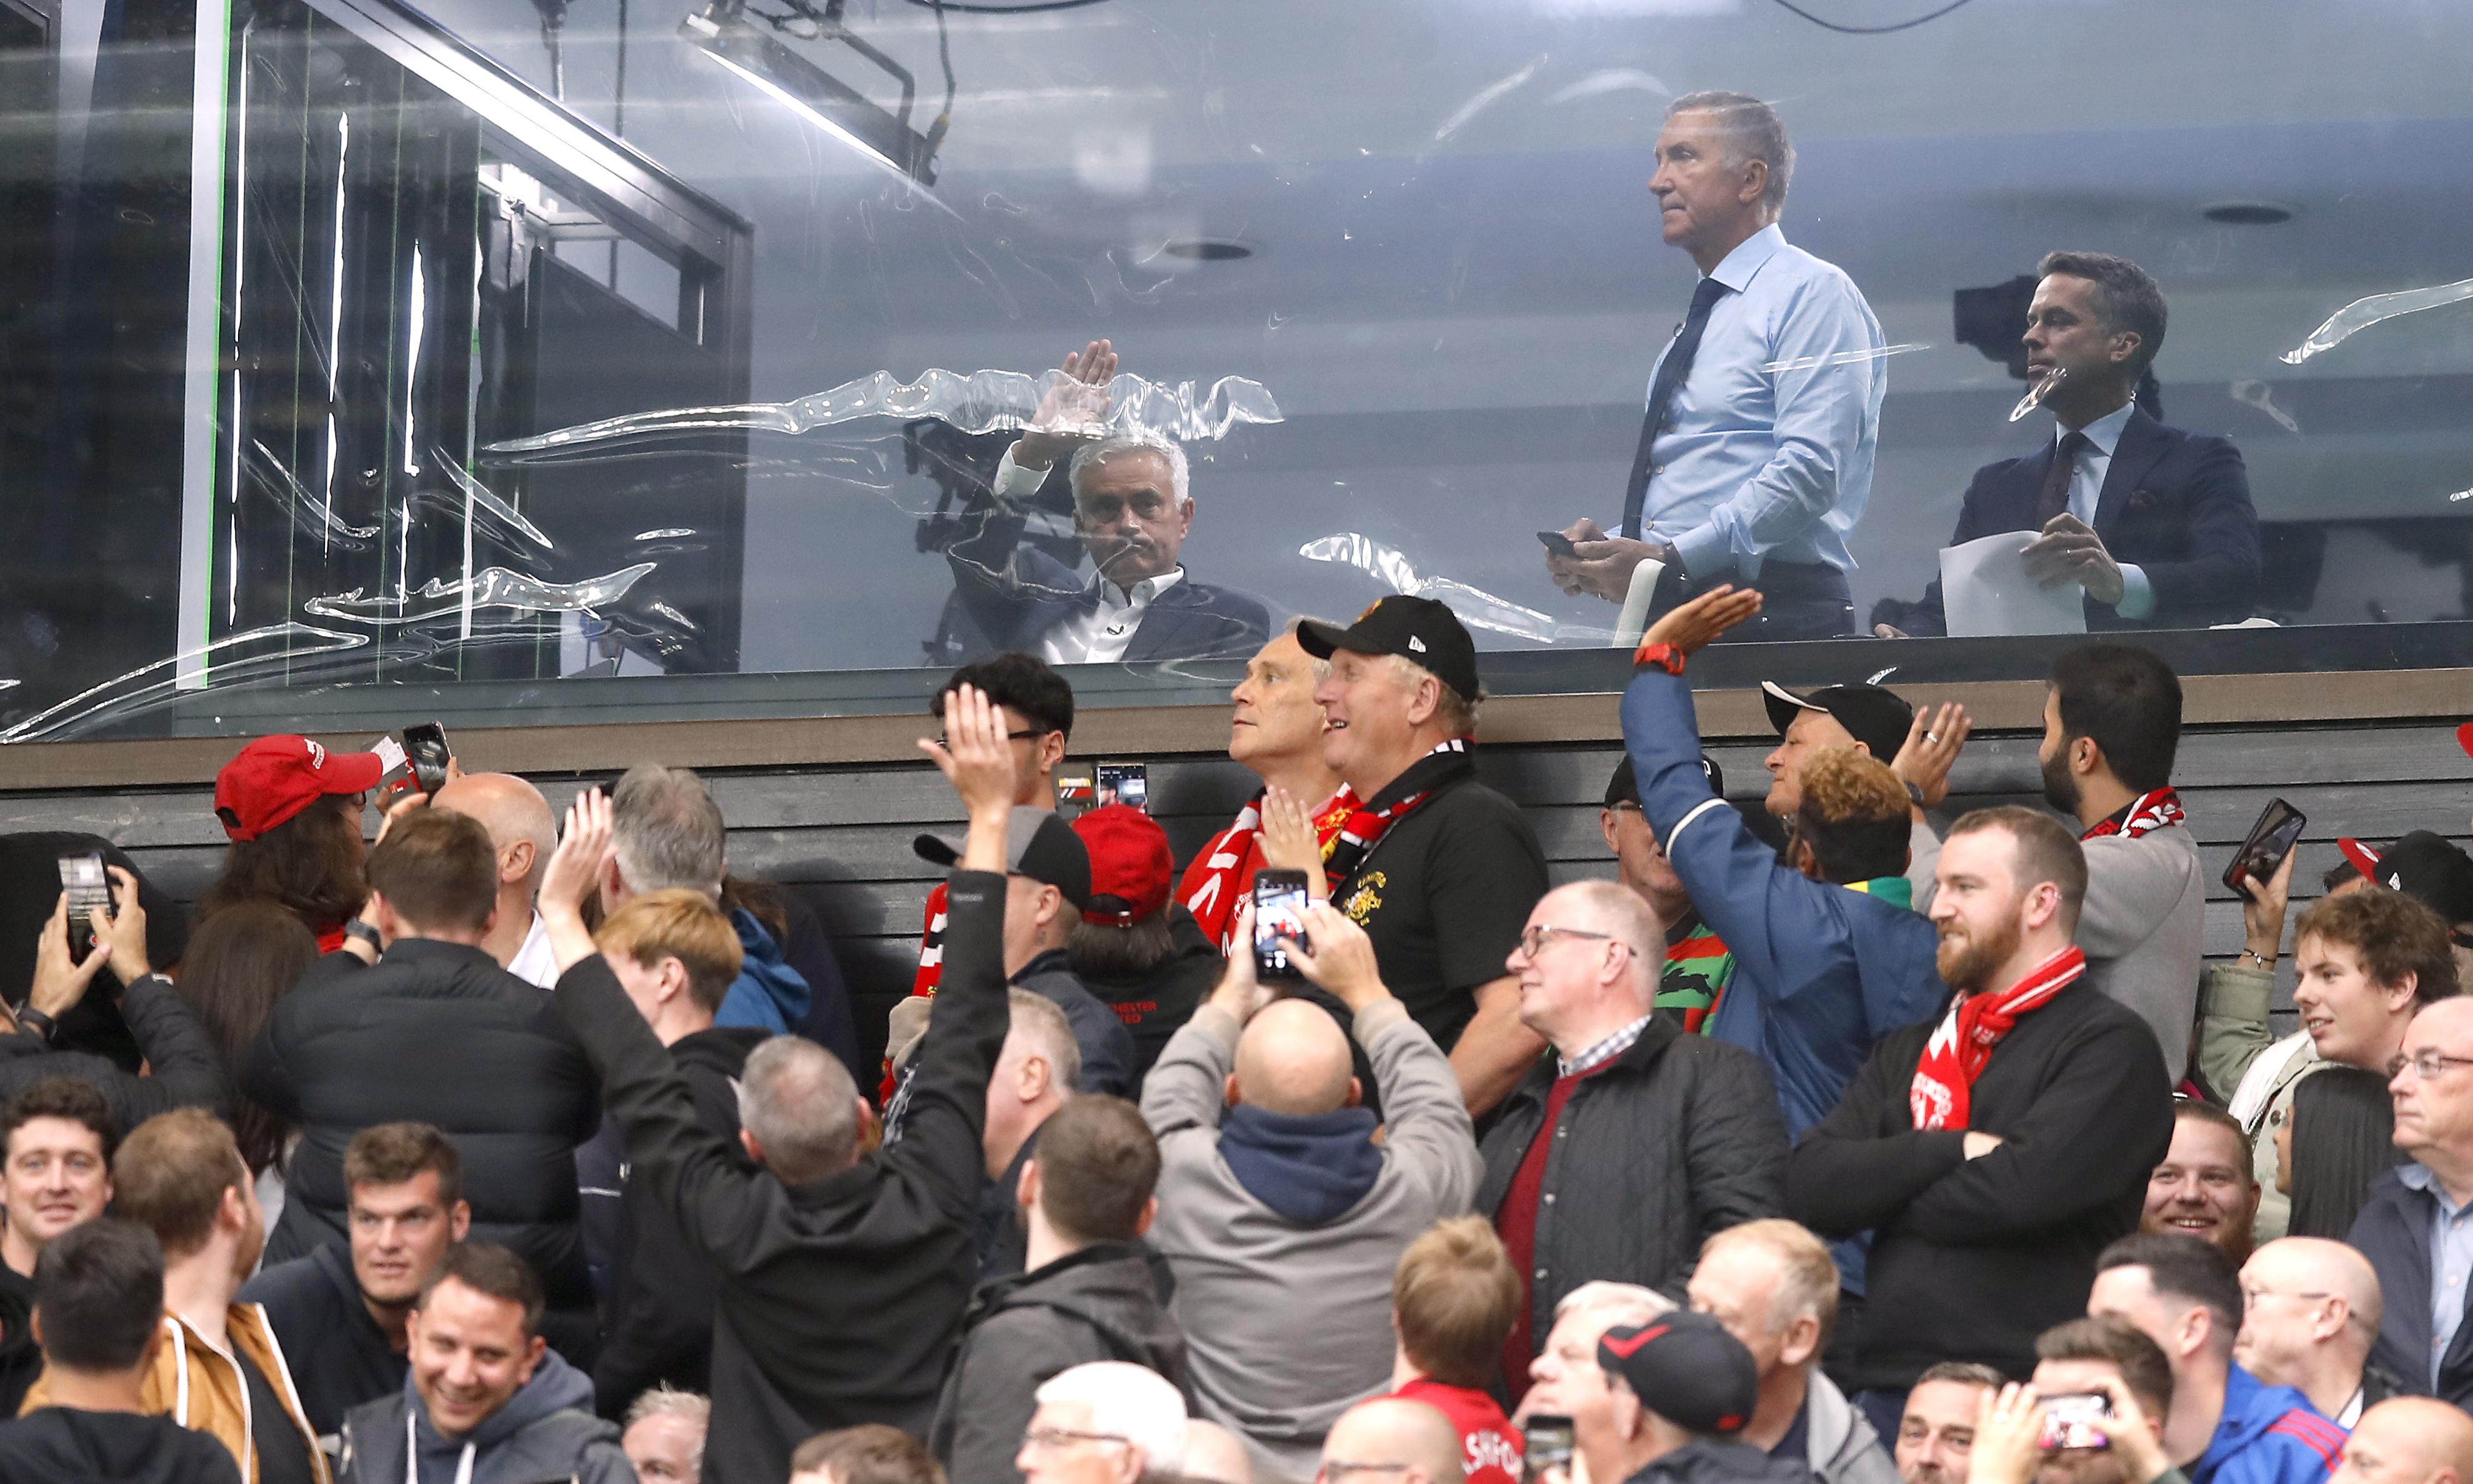 Jose Mourinho Shed Tears As He Admit He Misses Football